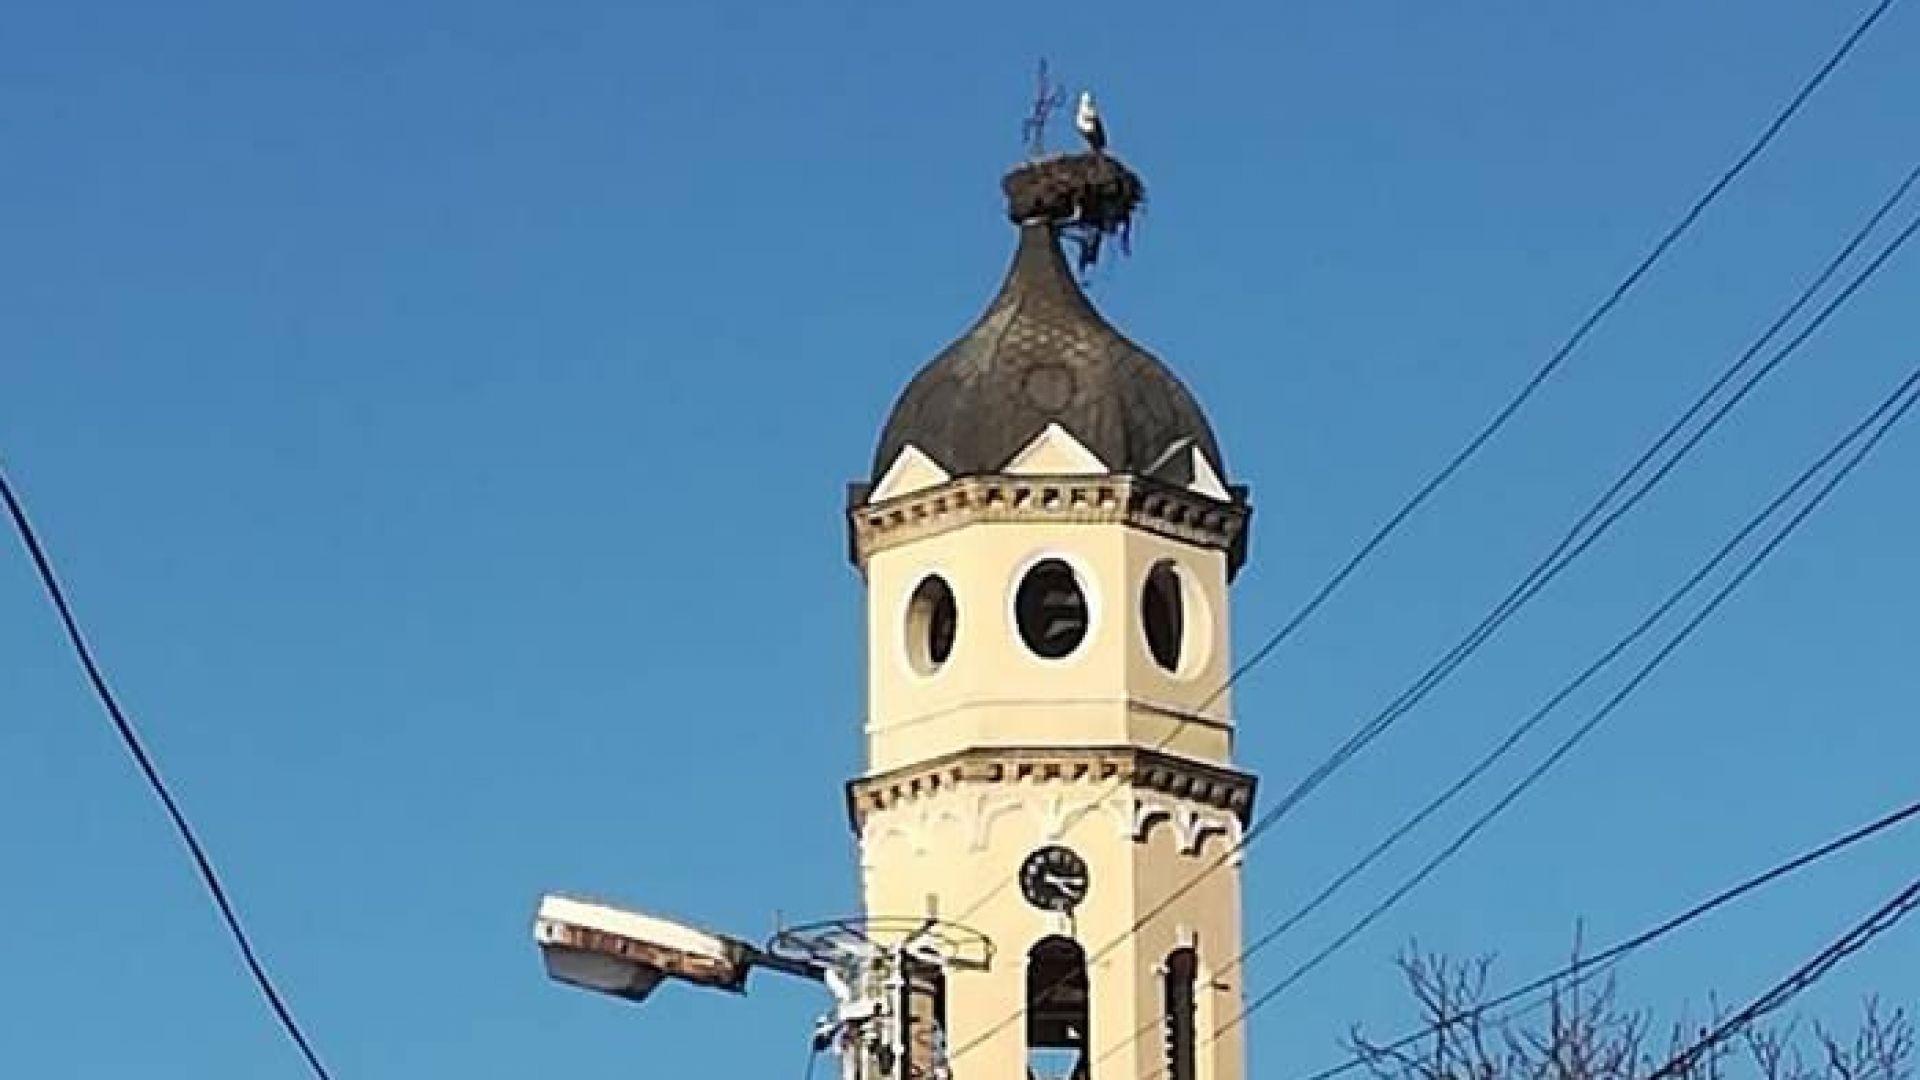 Щъркел пристигна на най-високата камбанария на Балканите